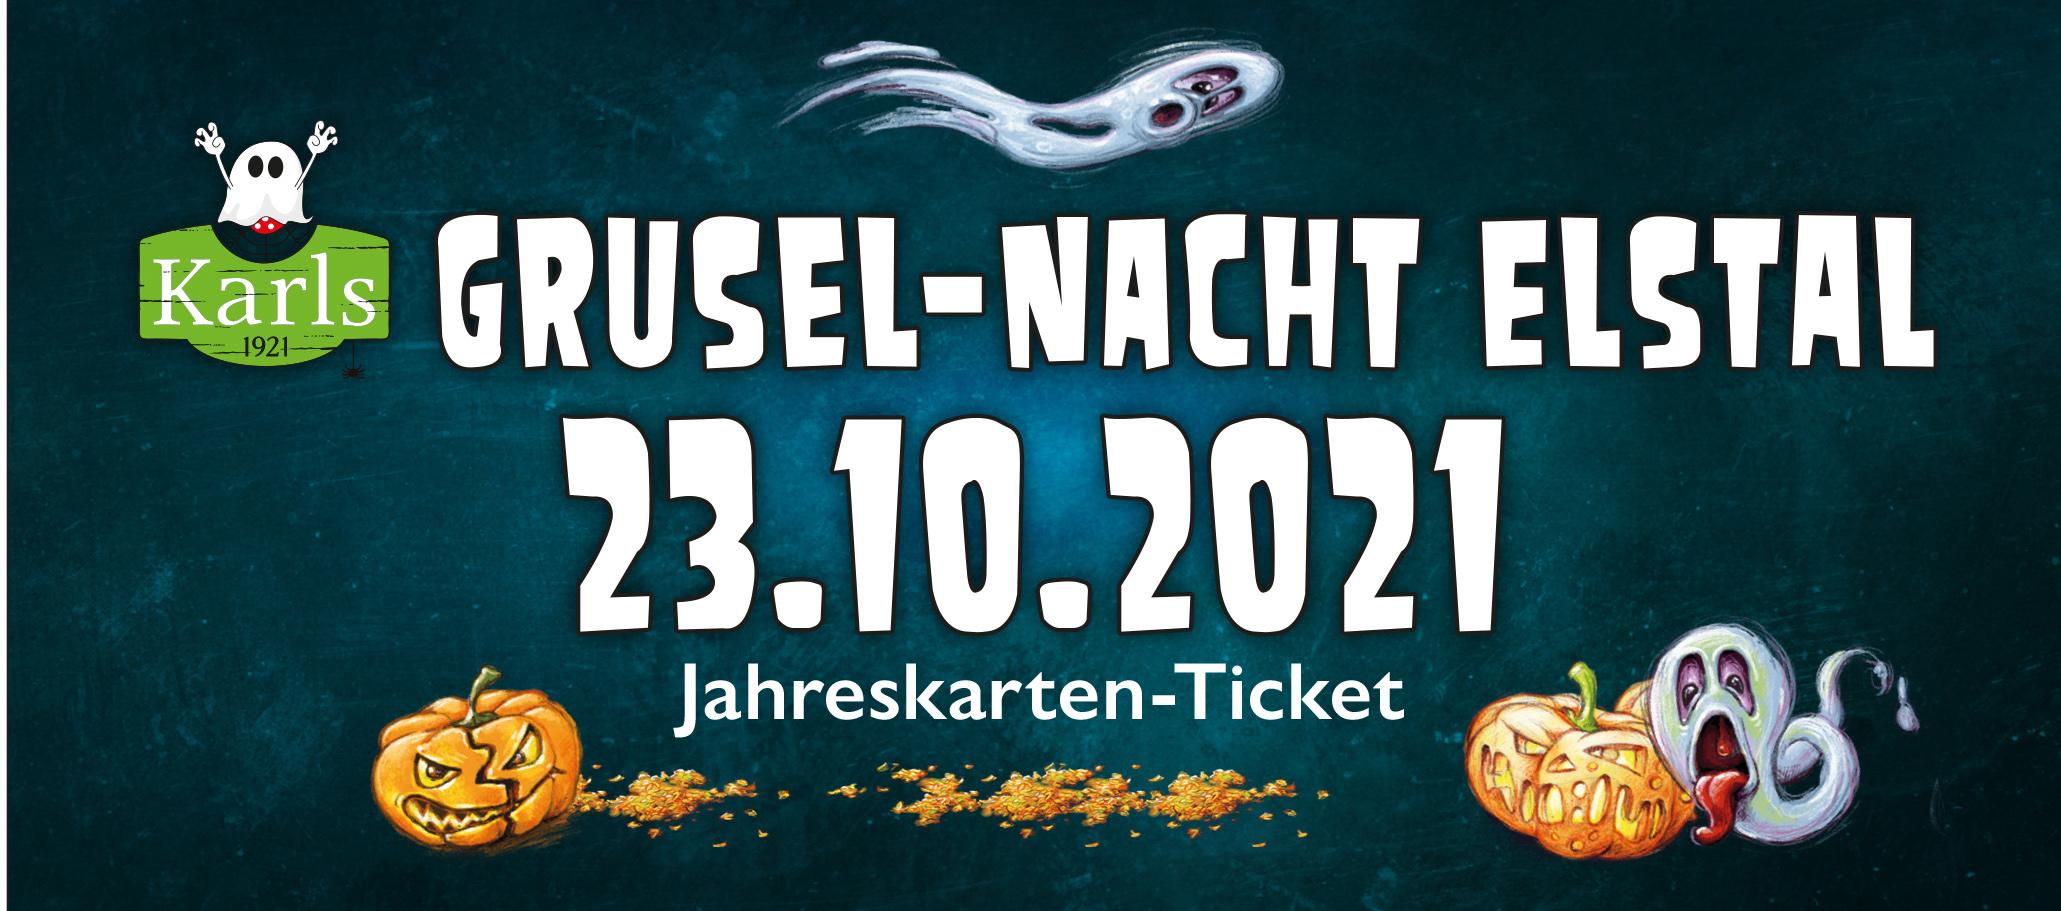 Grusel-Nacht Elstal für Jahreskarten-Inhaber 23.10.2021 - ruckzuck per Mail